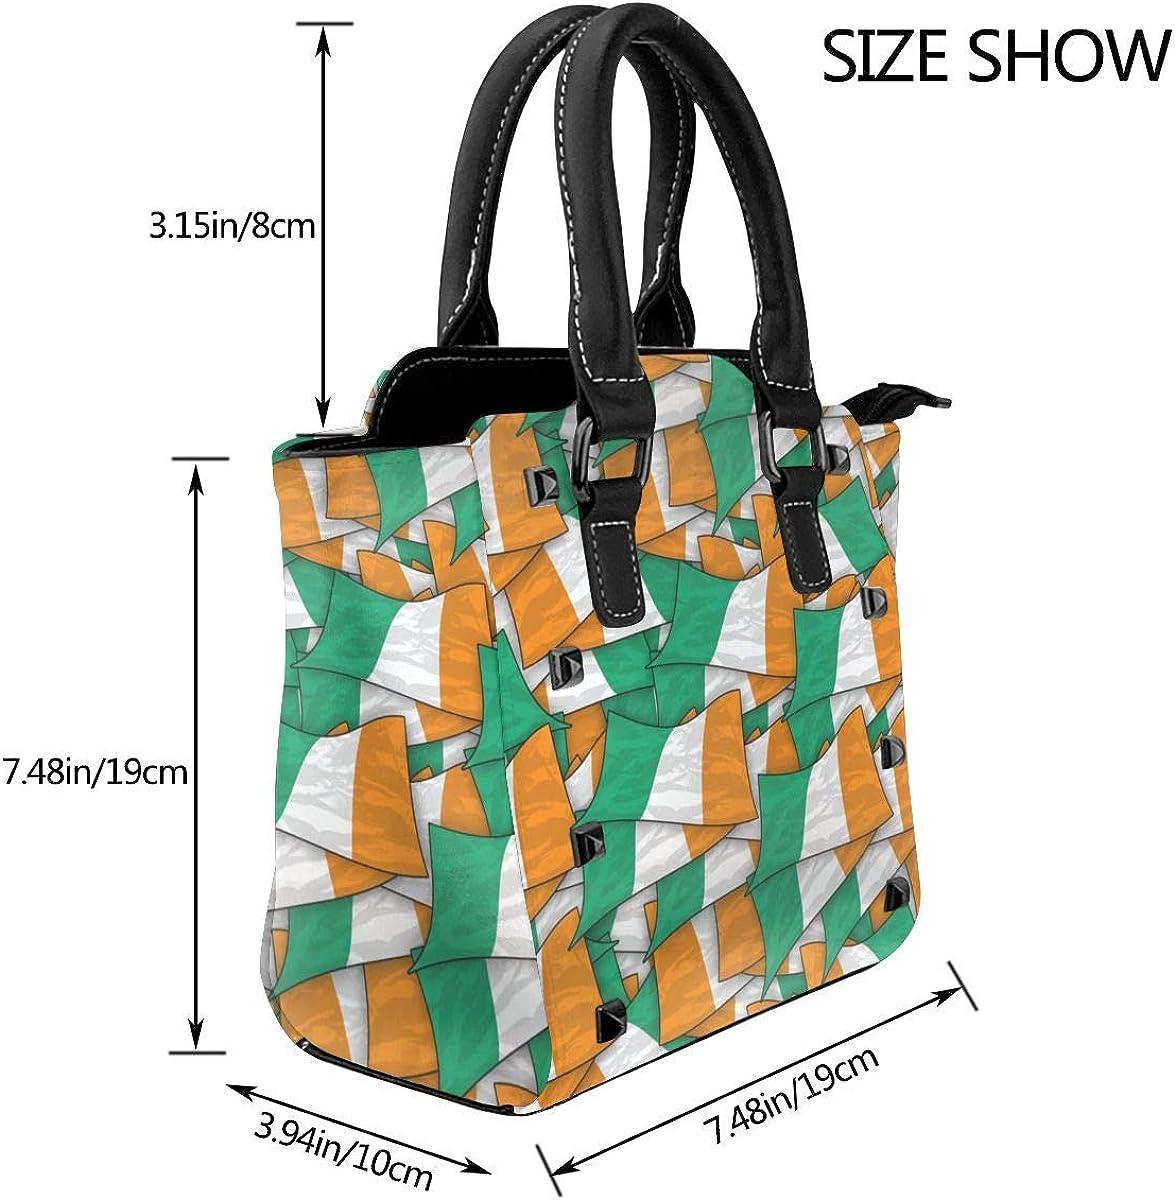 RJRA Damen Handtasche mit Meerjungfrauenmotiv, Leder, Nieten, groß, Marineblau Kunstflagge